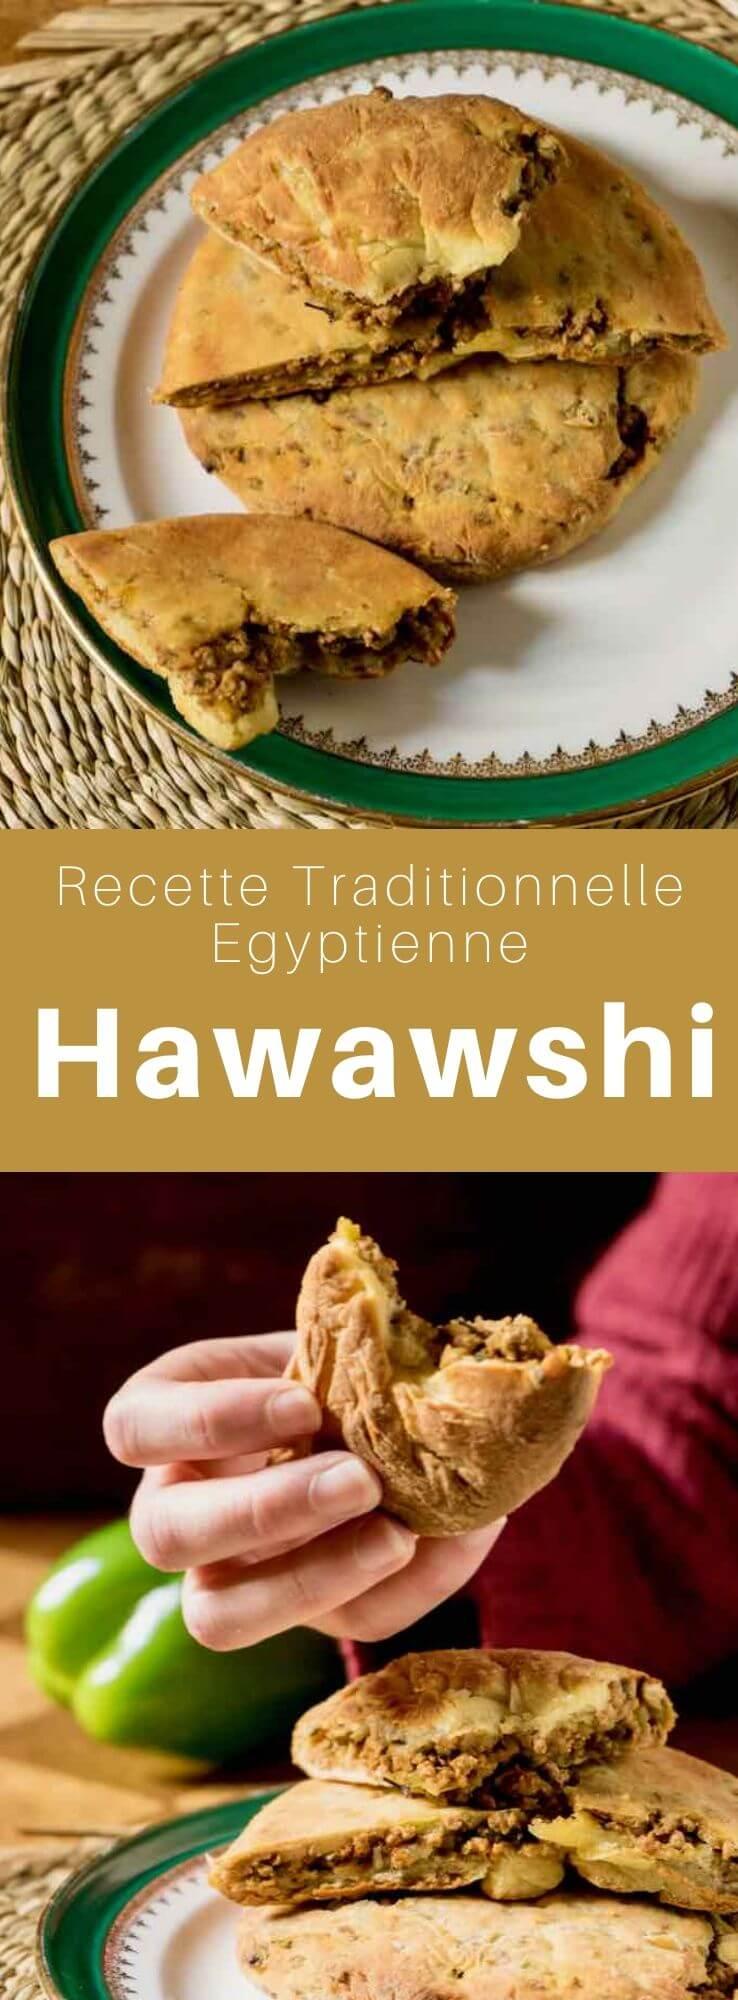 Le hawawshi est un délicieux sandwich traditionnel originaire d'Egypte à base de pain plat farci de viande hachée épicée. #Egypte #RecetteEgyptienne #CuisineEgyptienne